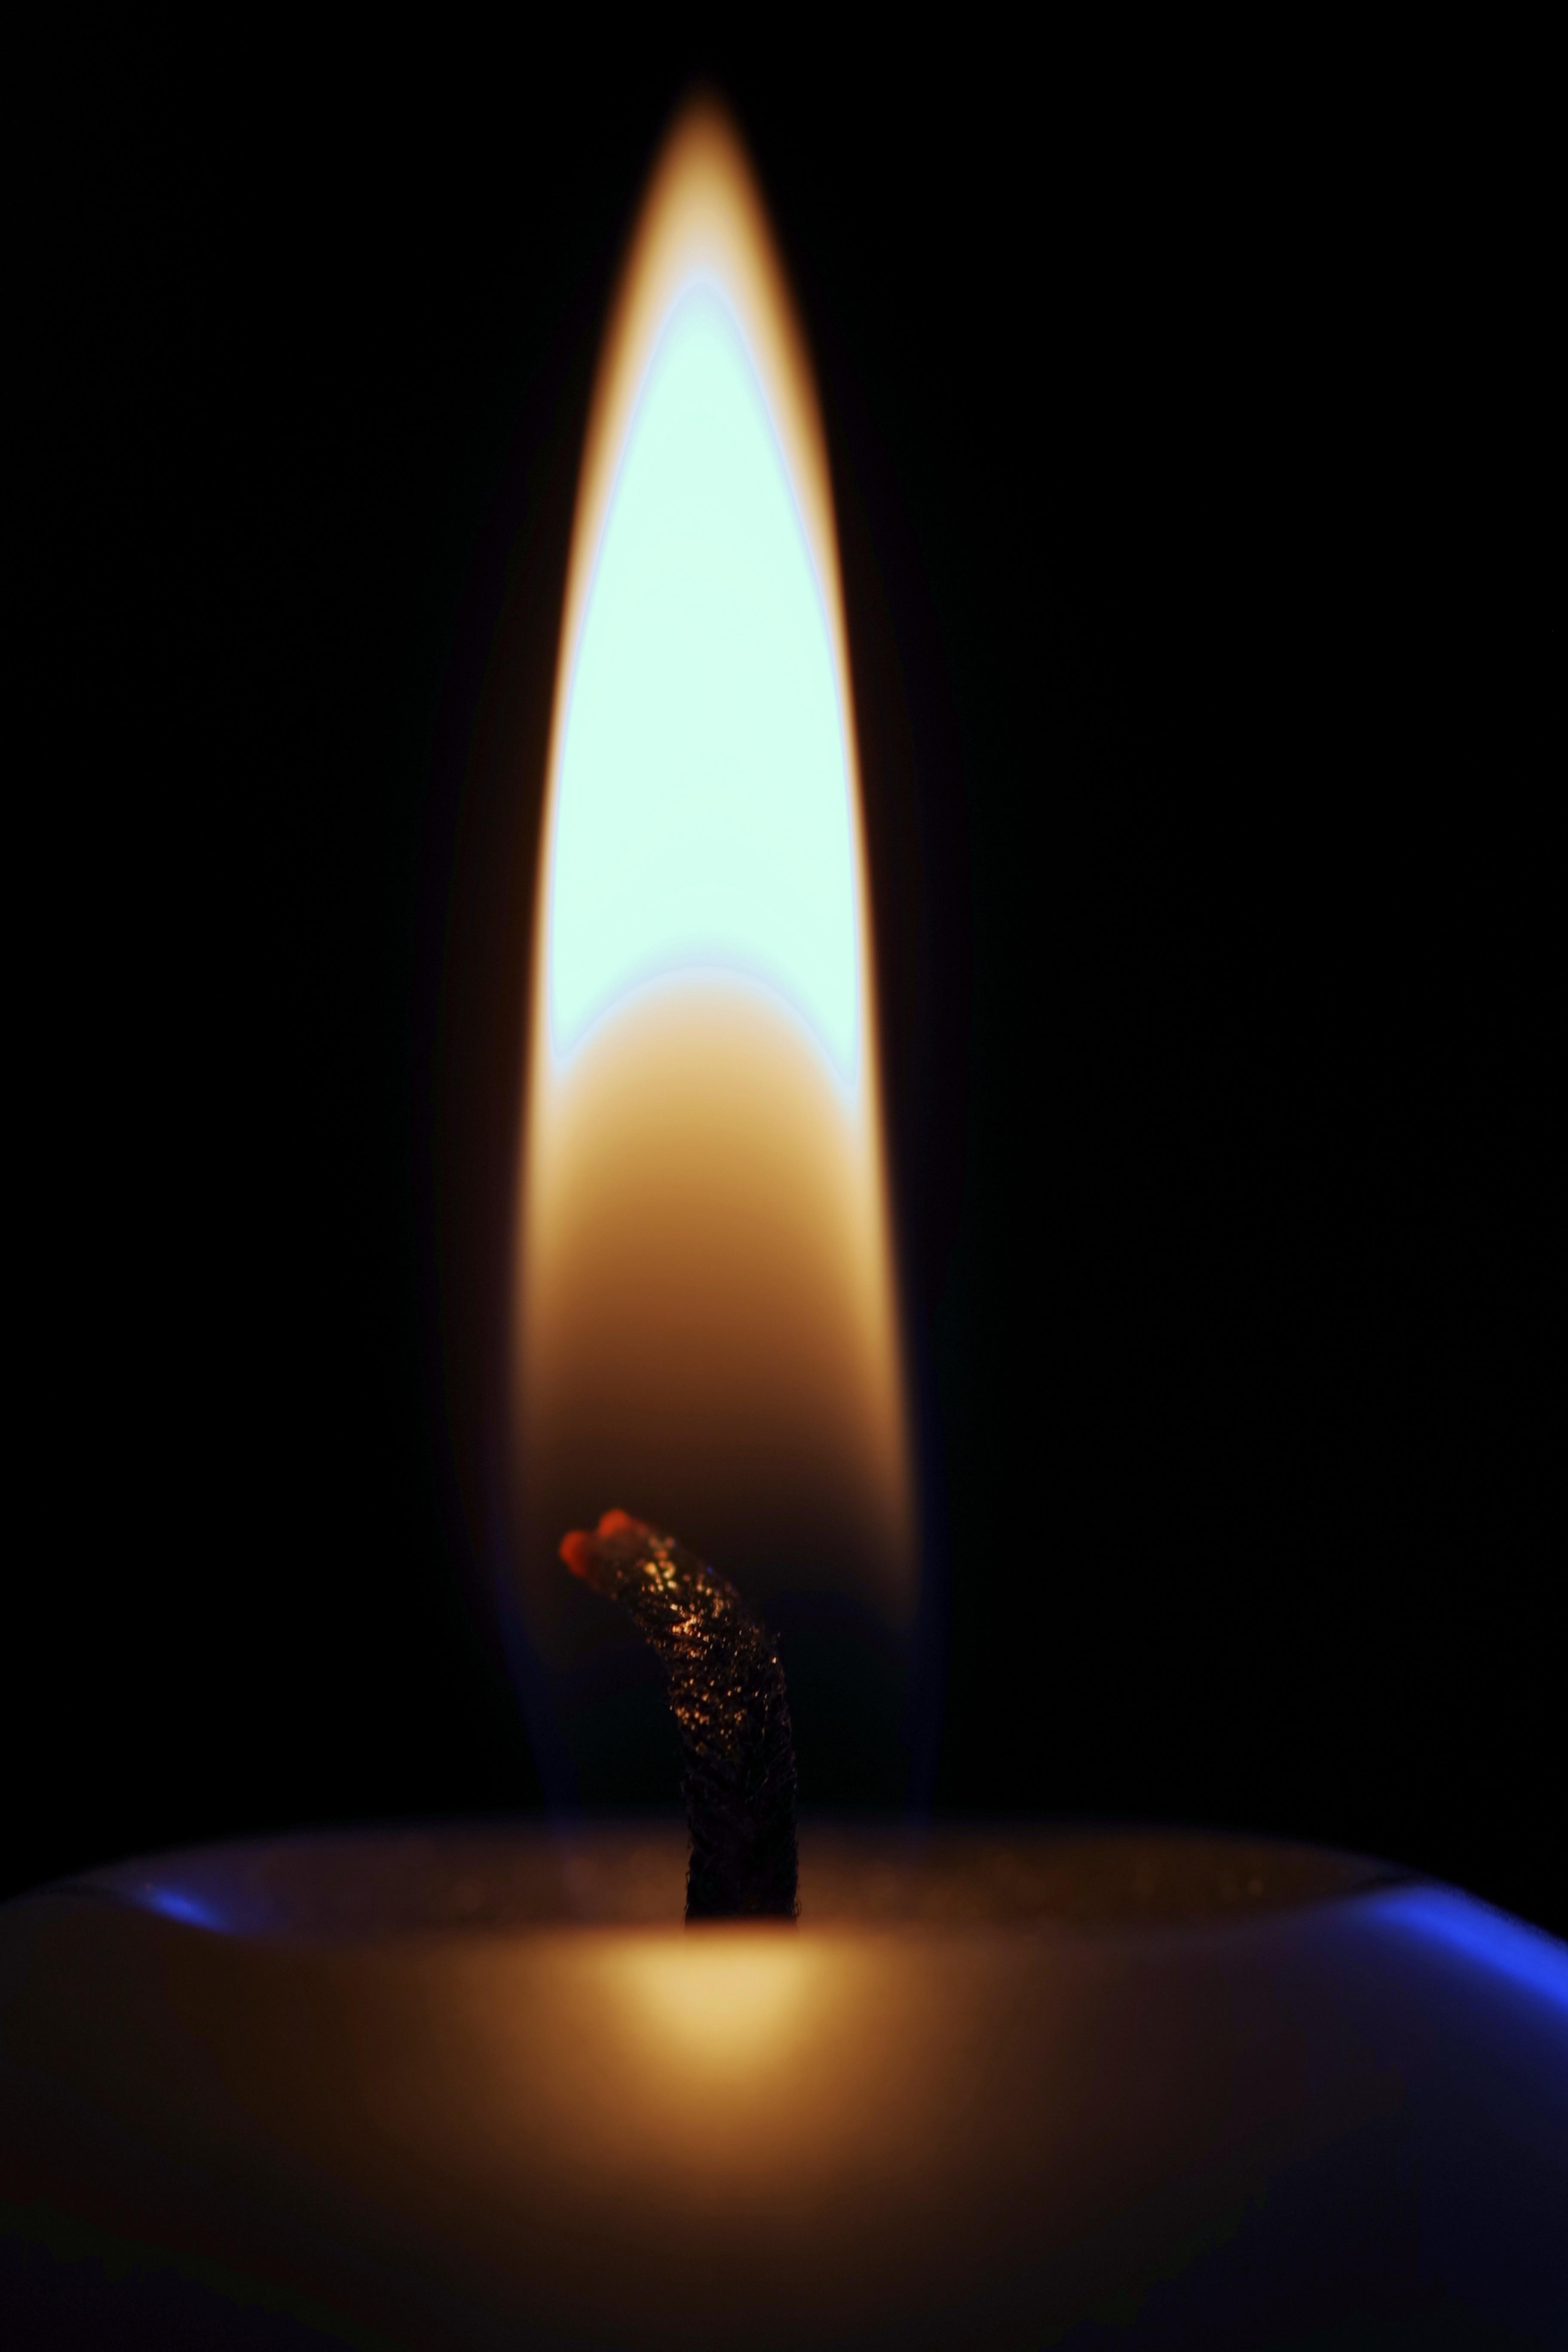 Gambar Cahaya Hangat Bersinar Api Romantis Kegelapan